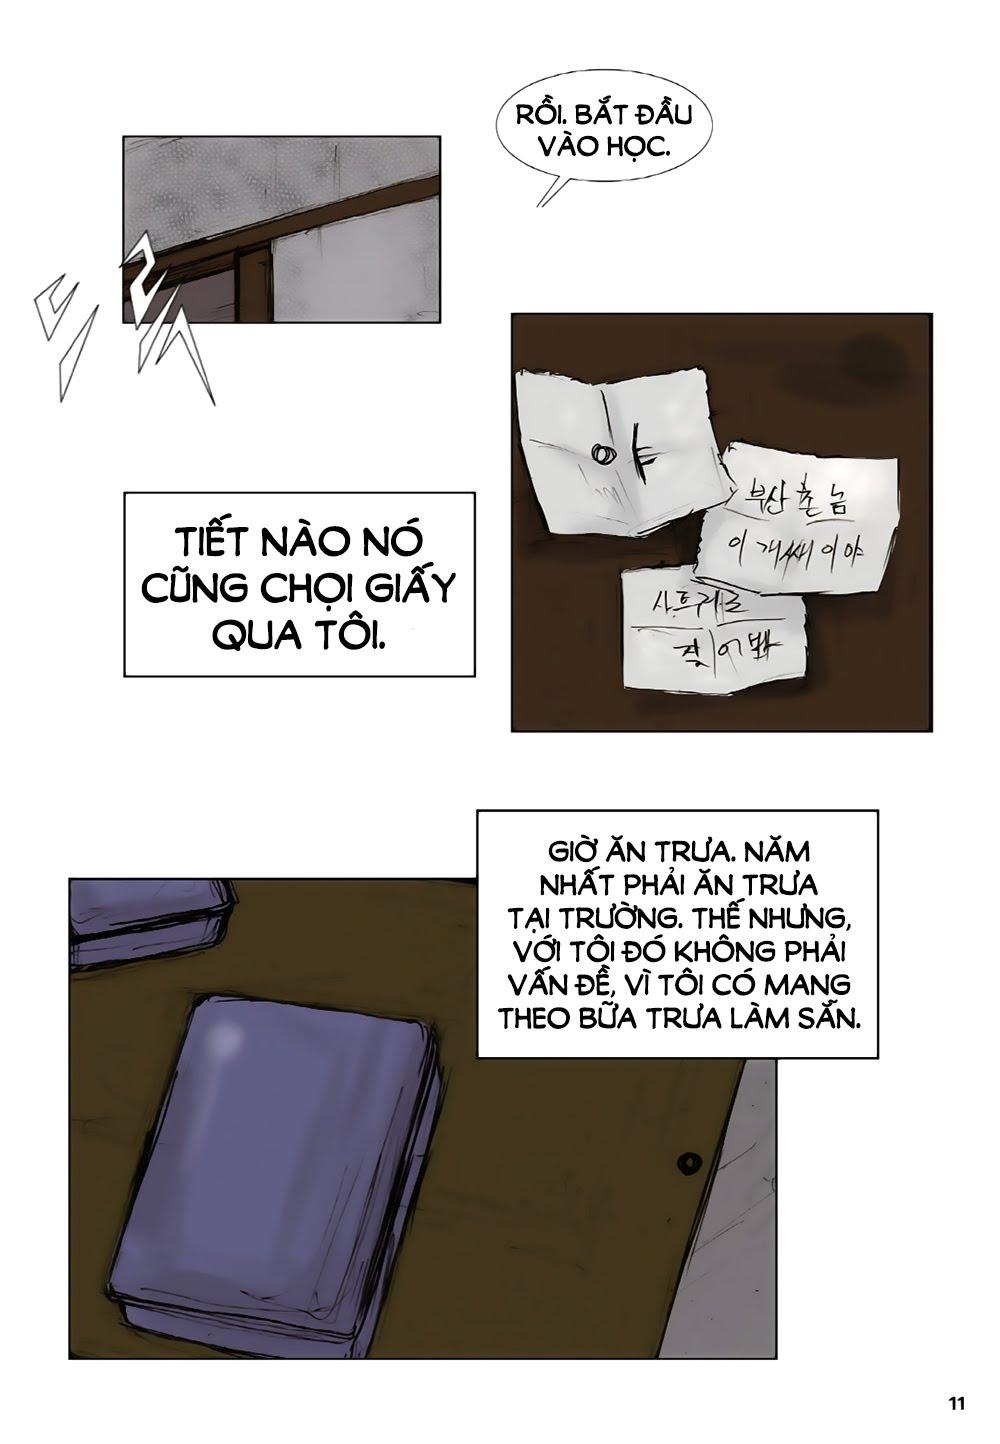 Tong phần 1-1 trang 8